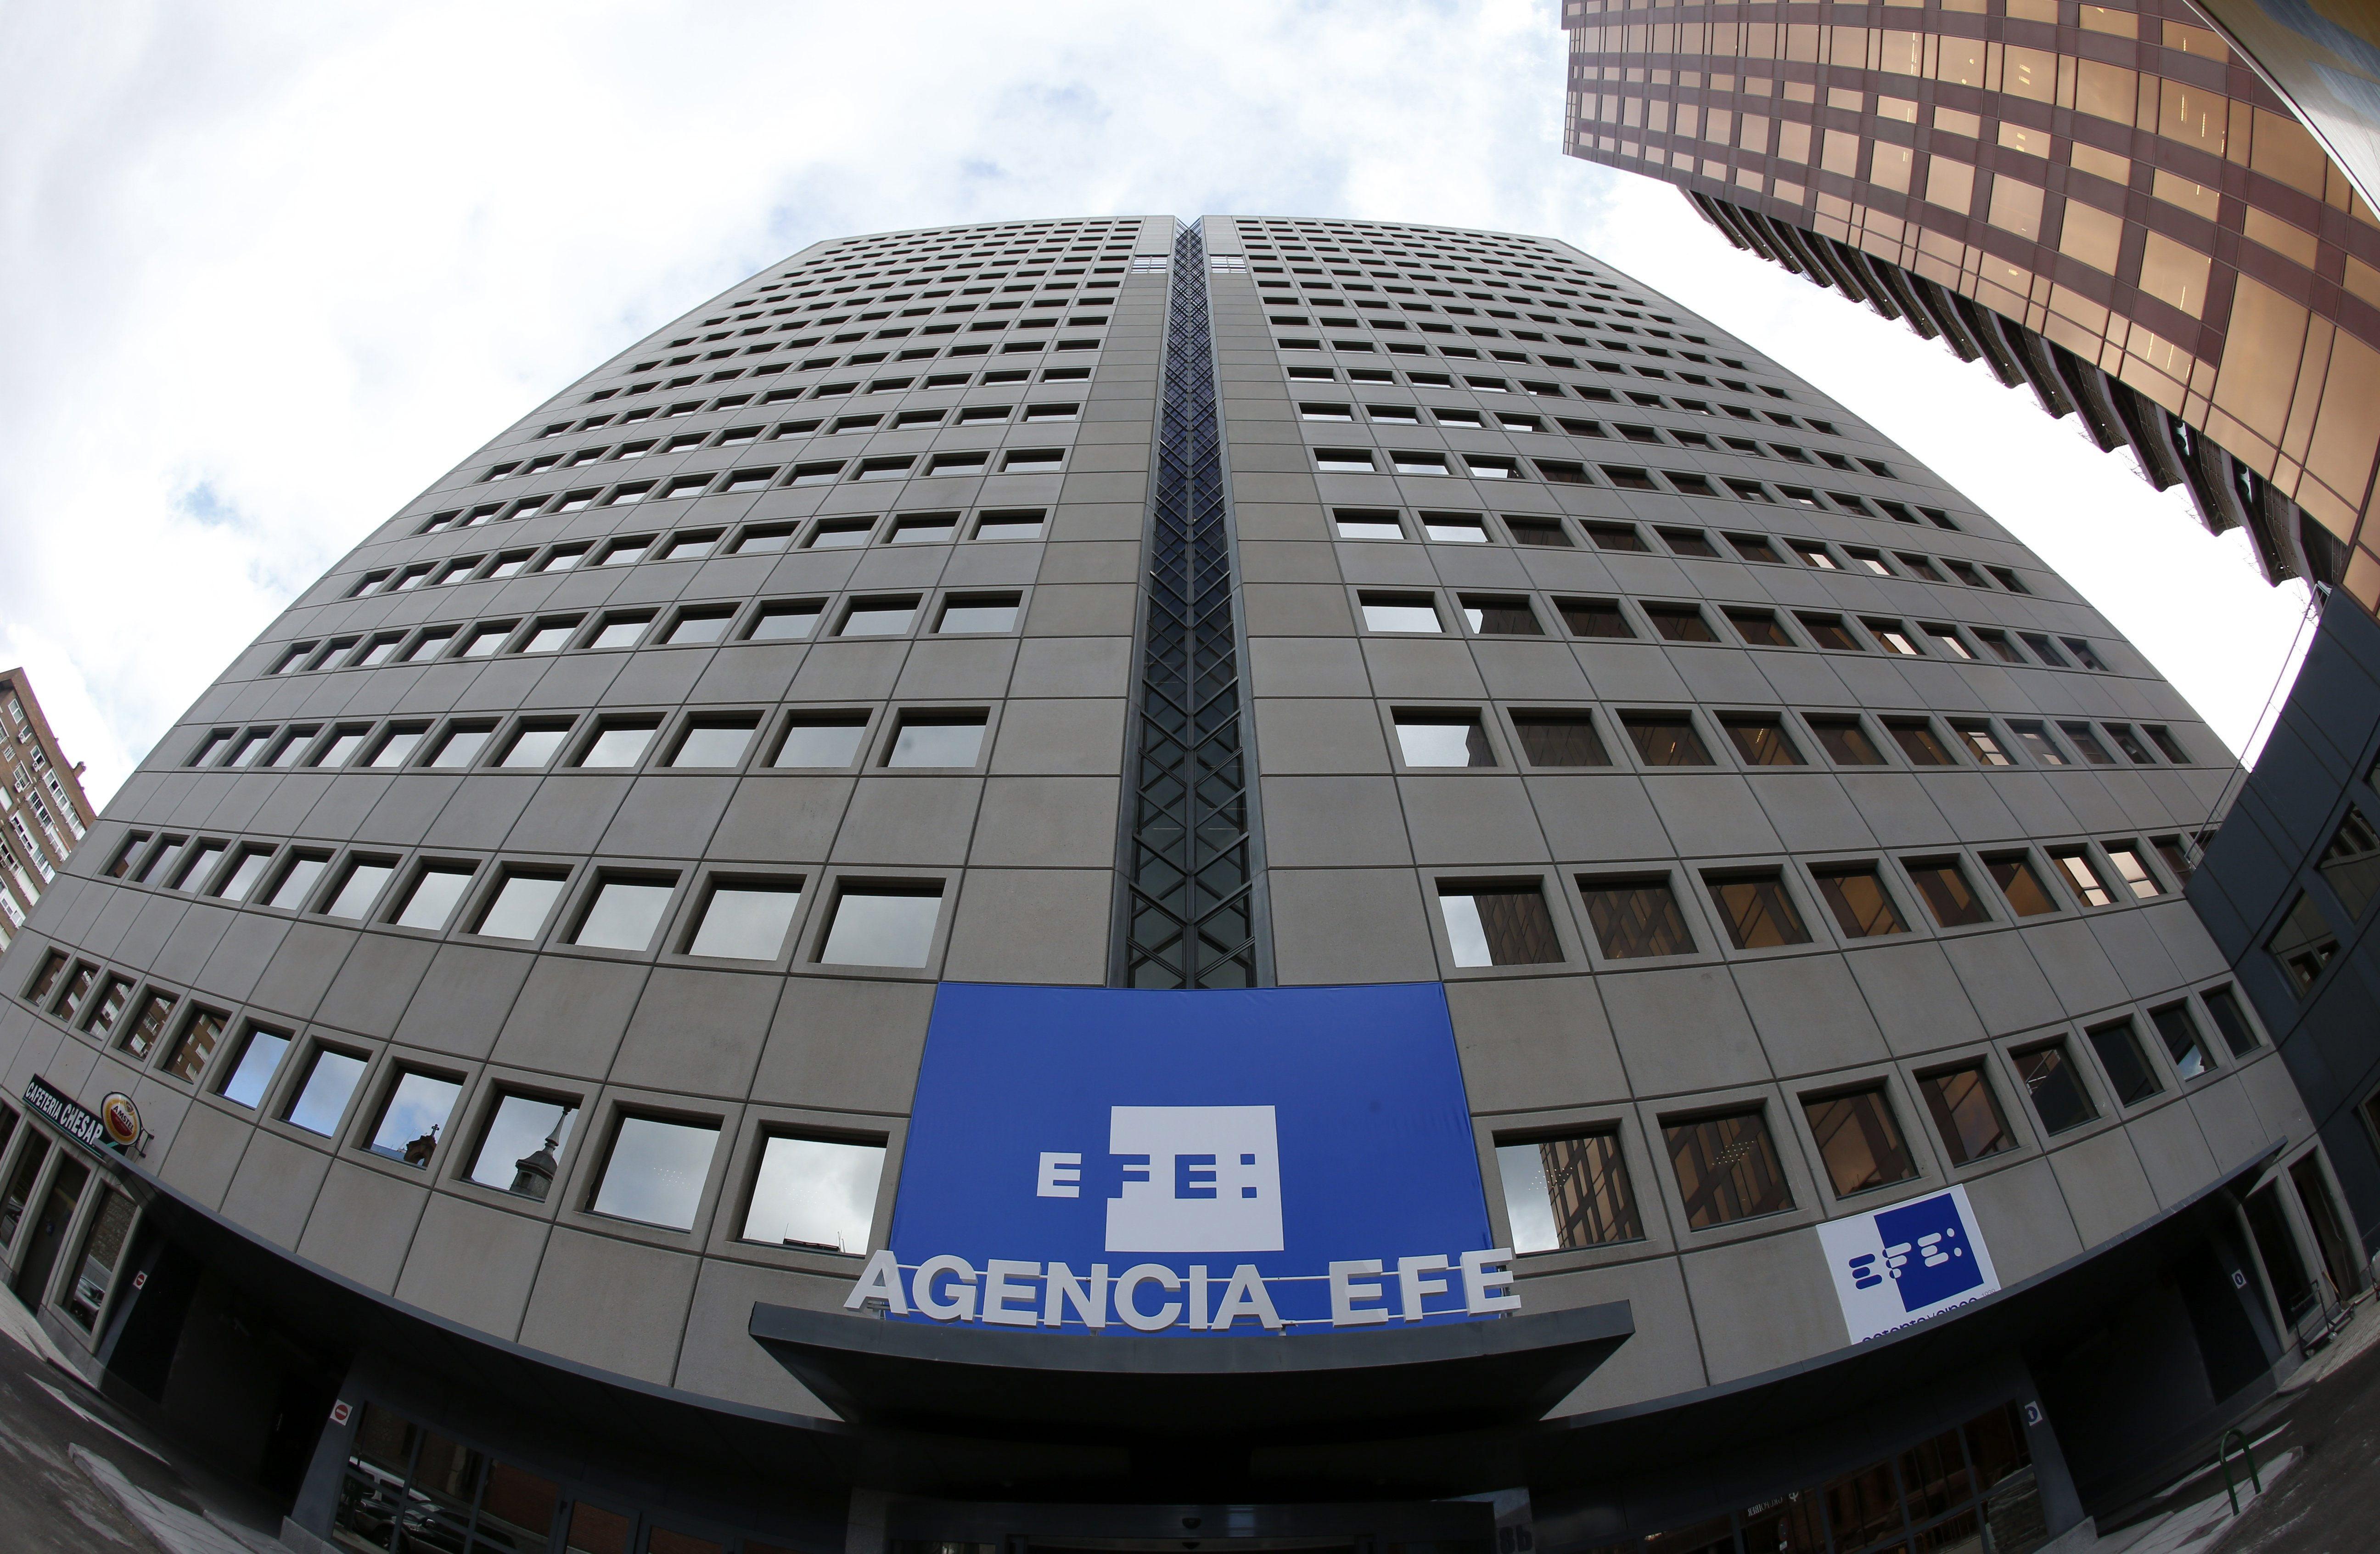 La Agencia Efe, Almudena Grandes y Colita, entre los premios «Continuarà» de RTVE